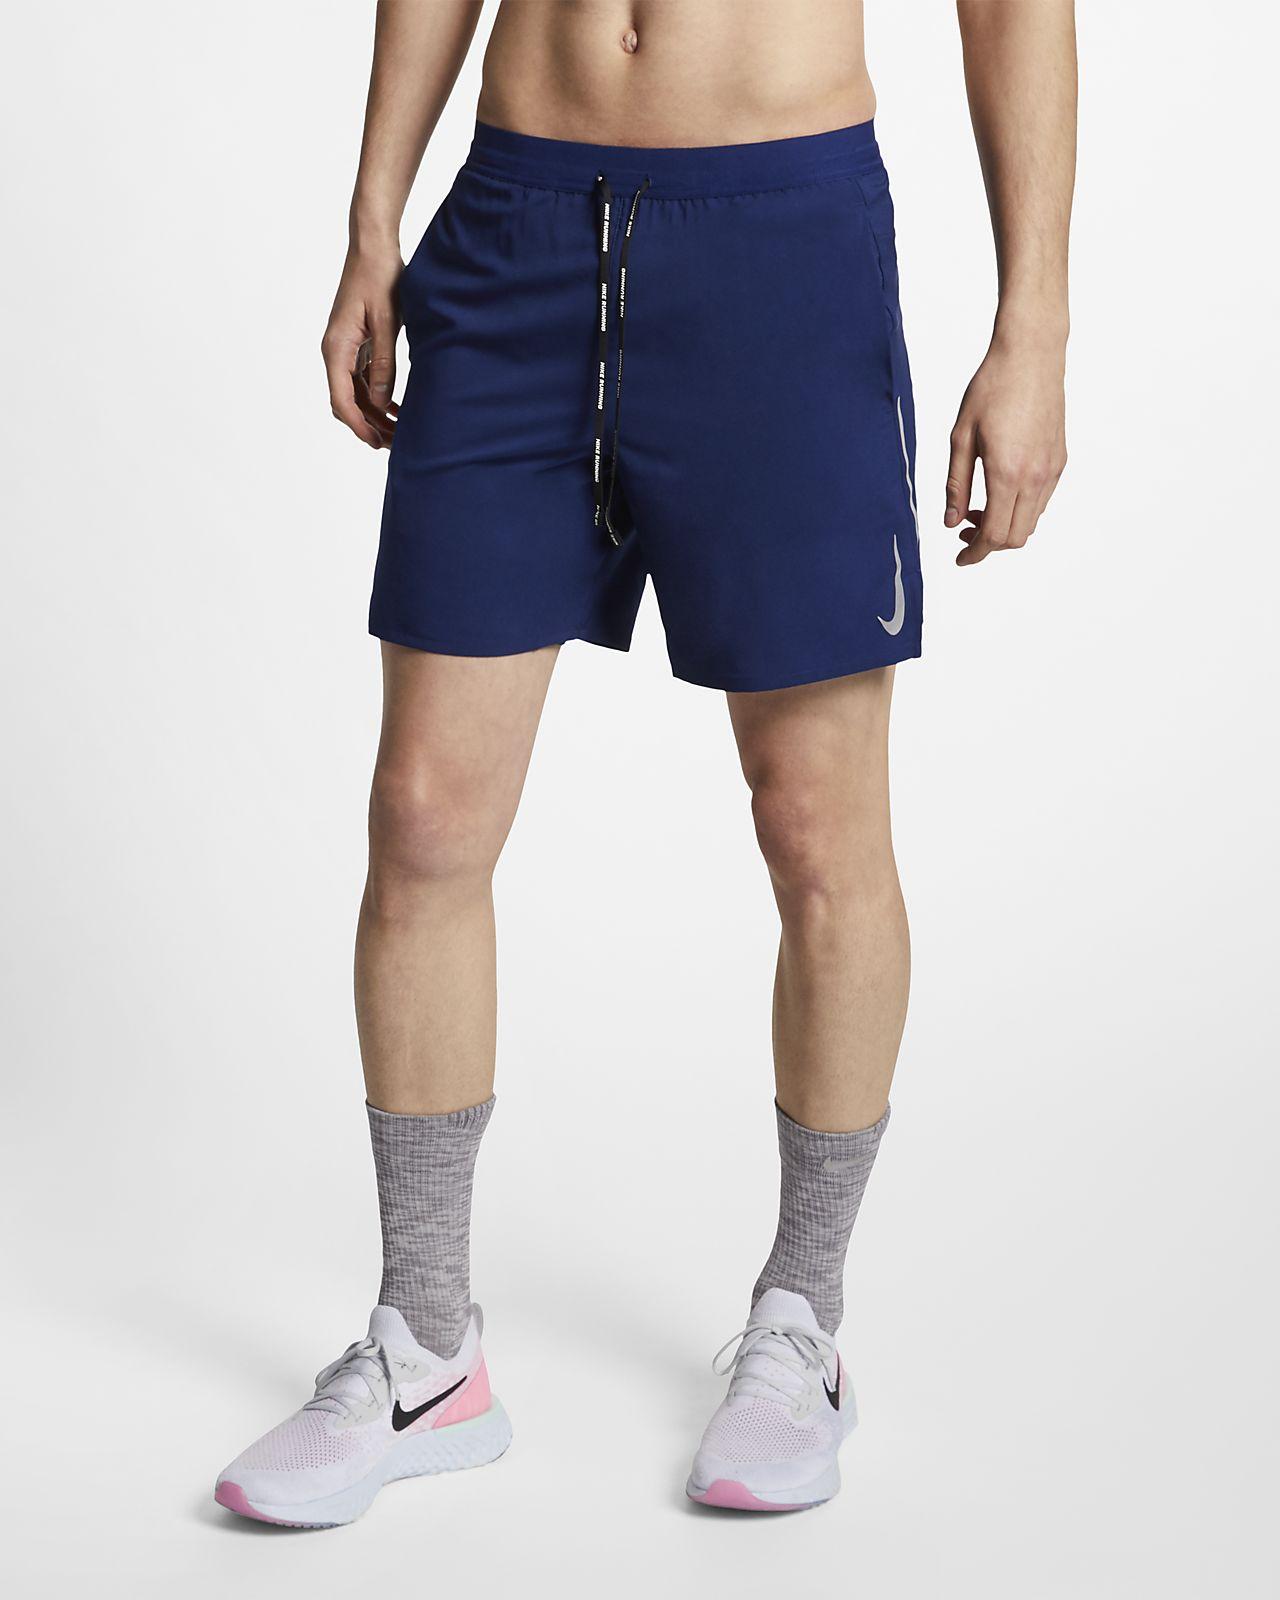 Nike Dri-FIT Flex Stride 2-in-1-Laufshorts für Herren (ca. 18 cm)